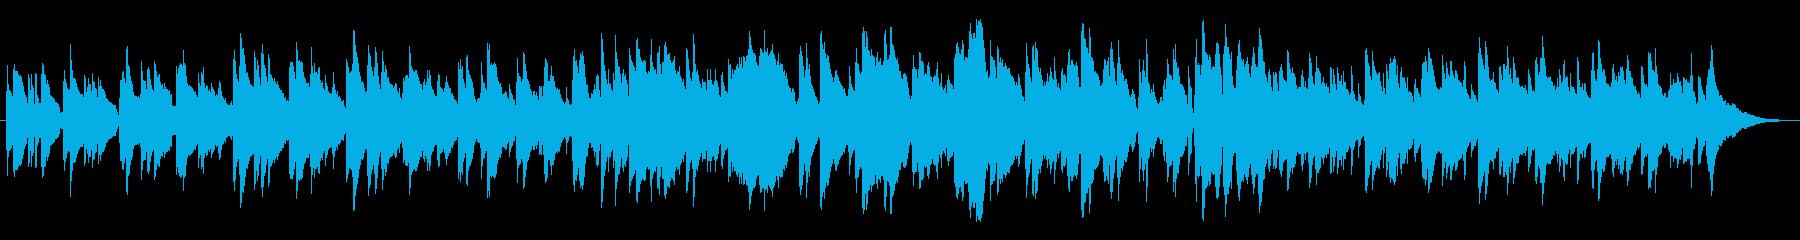 生クラリネット ノスタルジー 暖かみの再生済みの波形